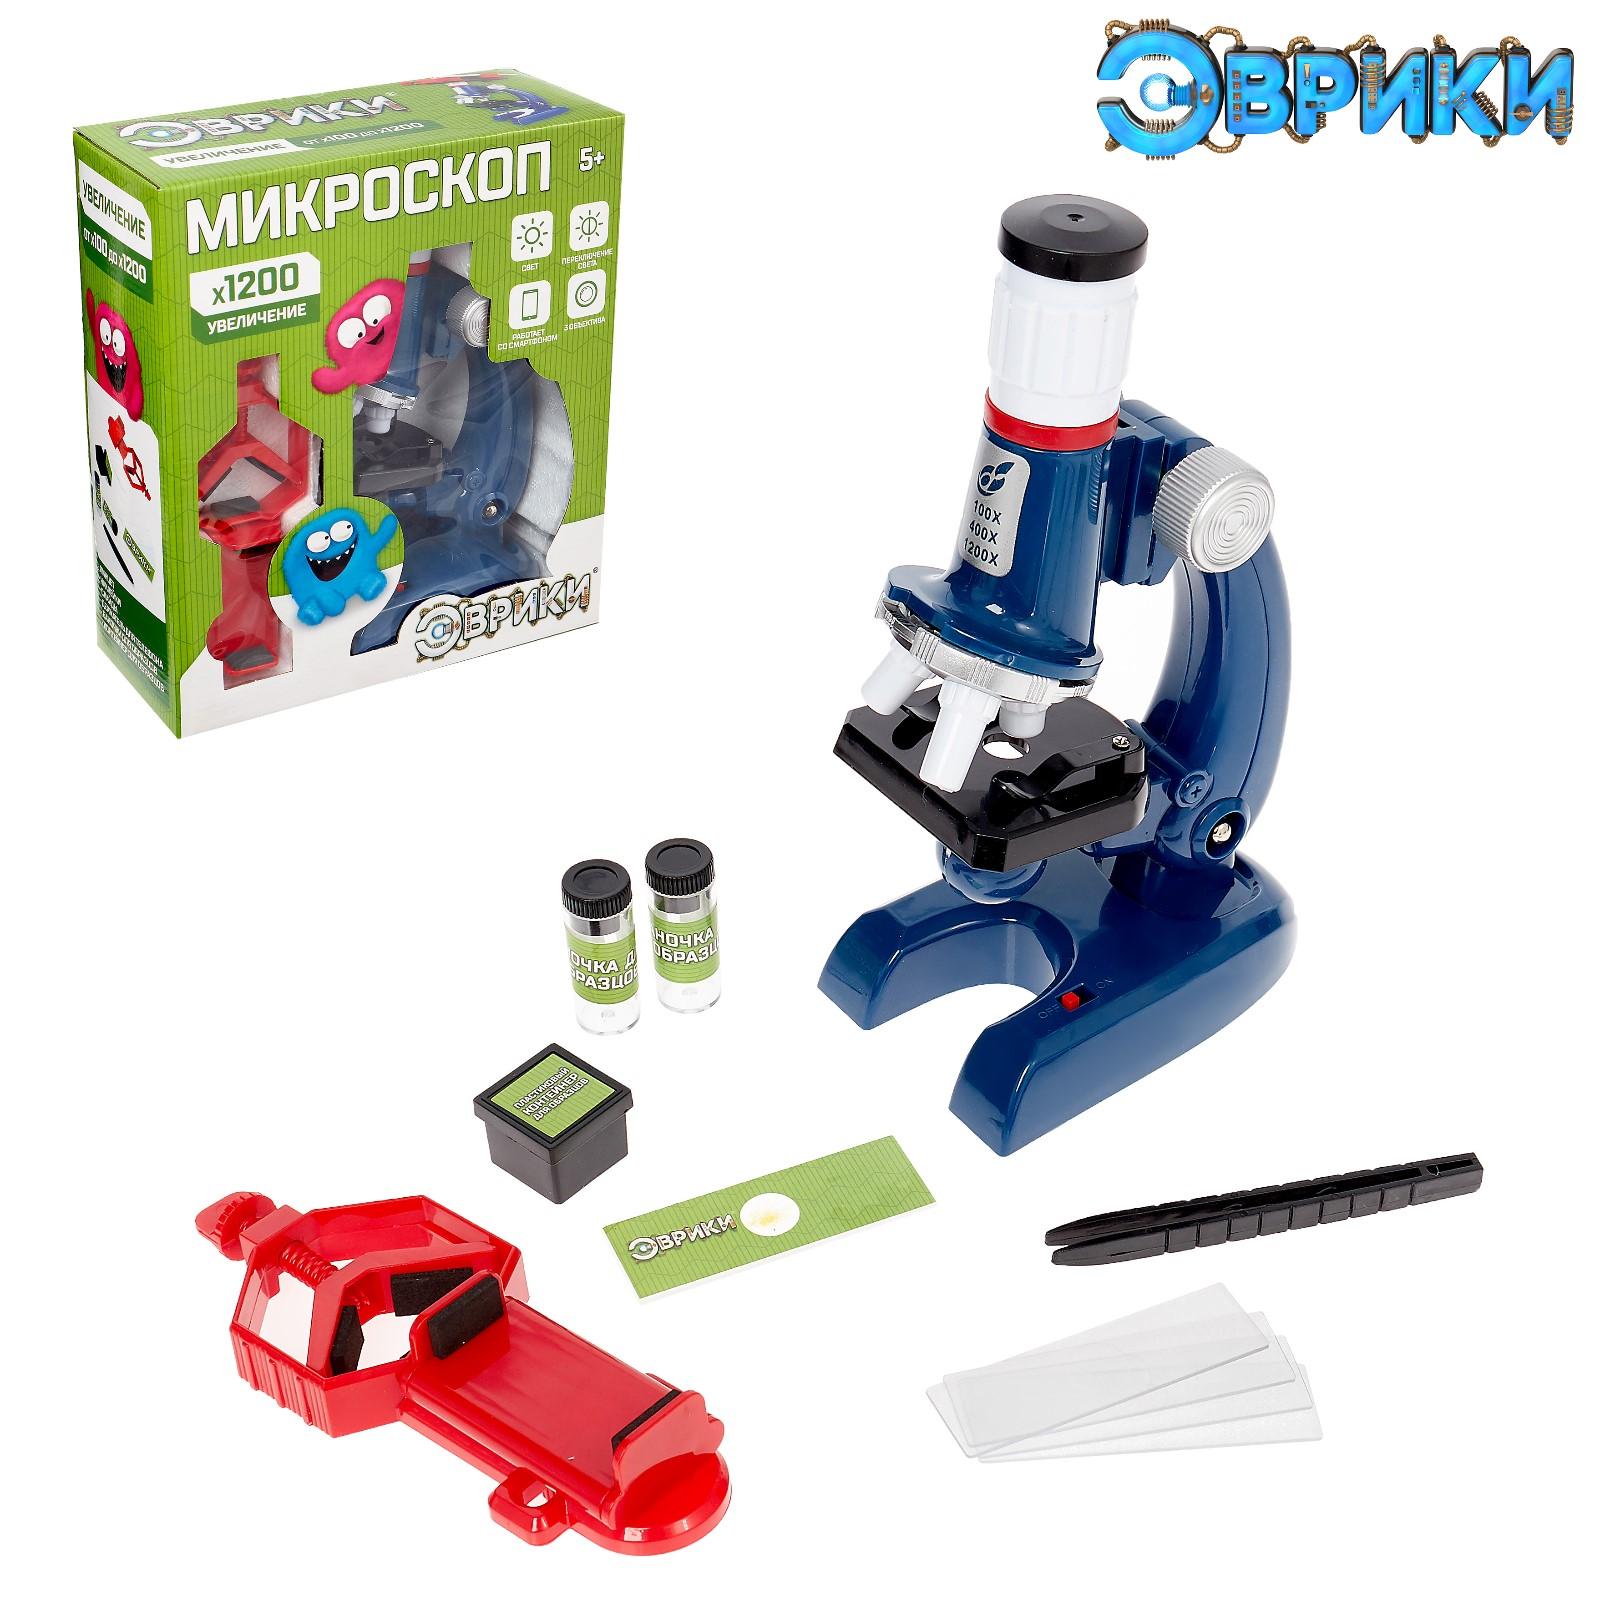 Микроскоп, Юный исследователь